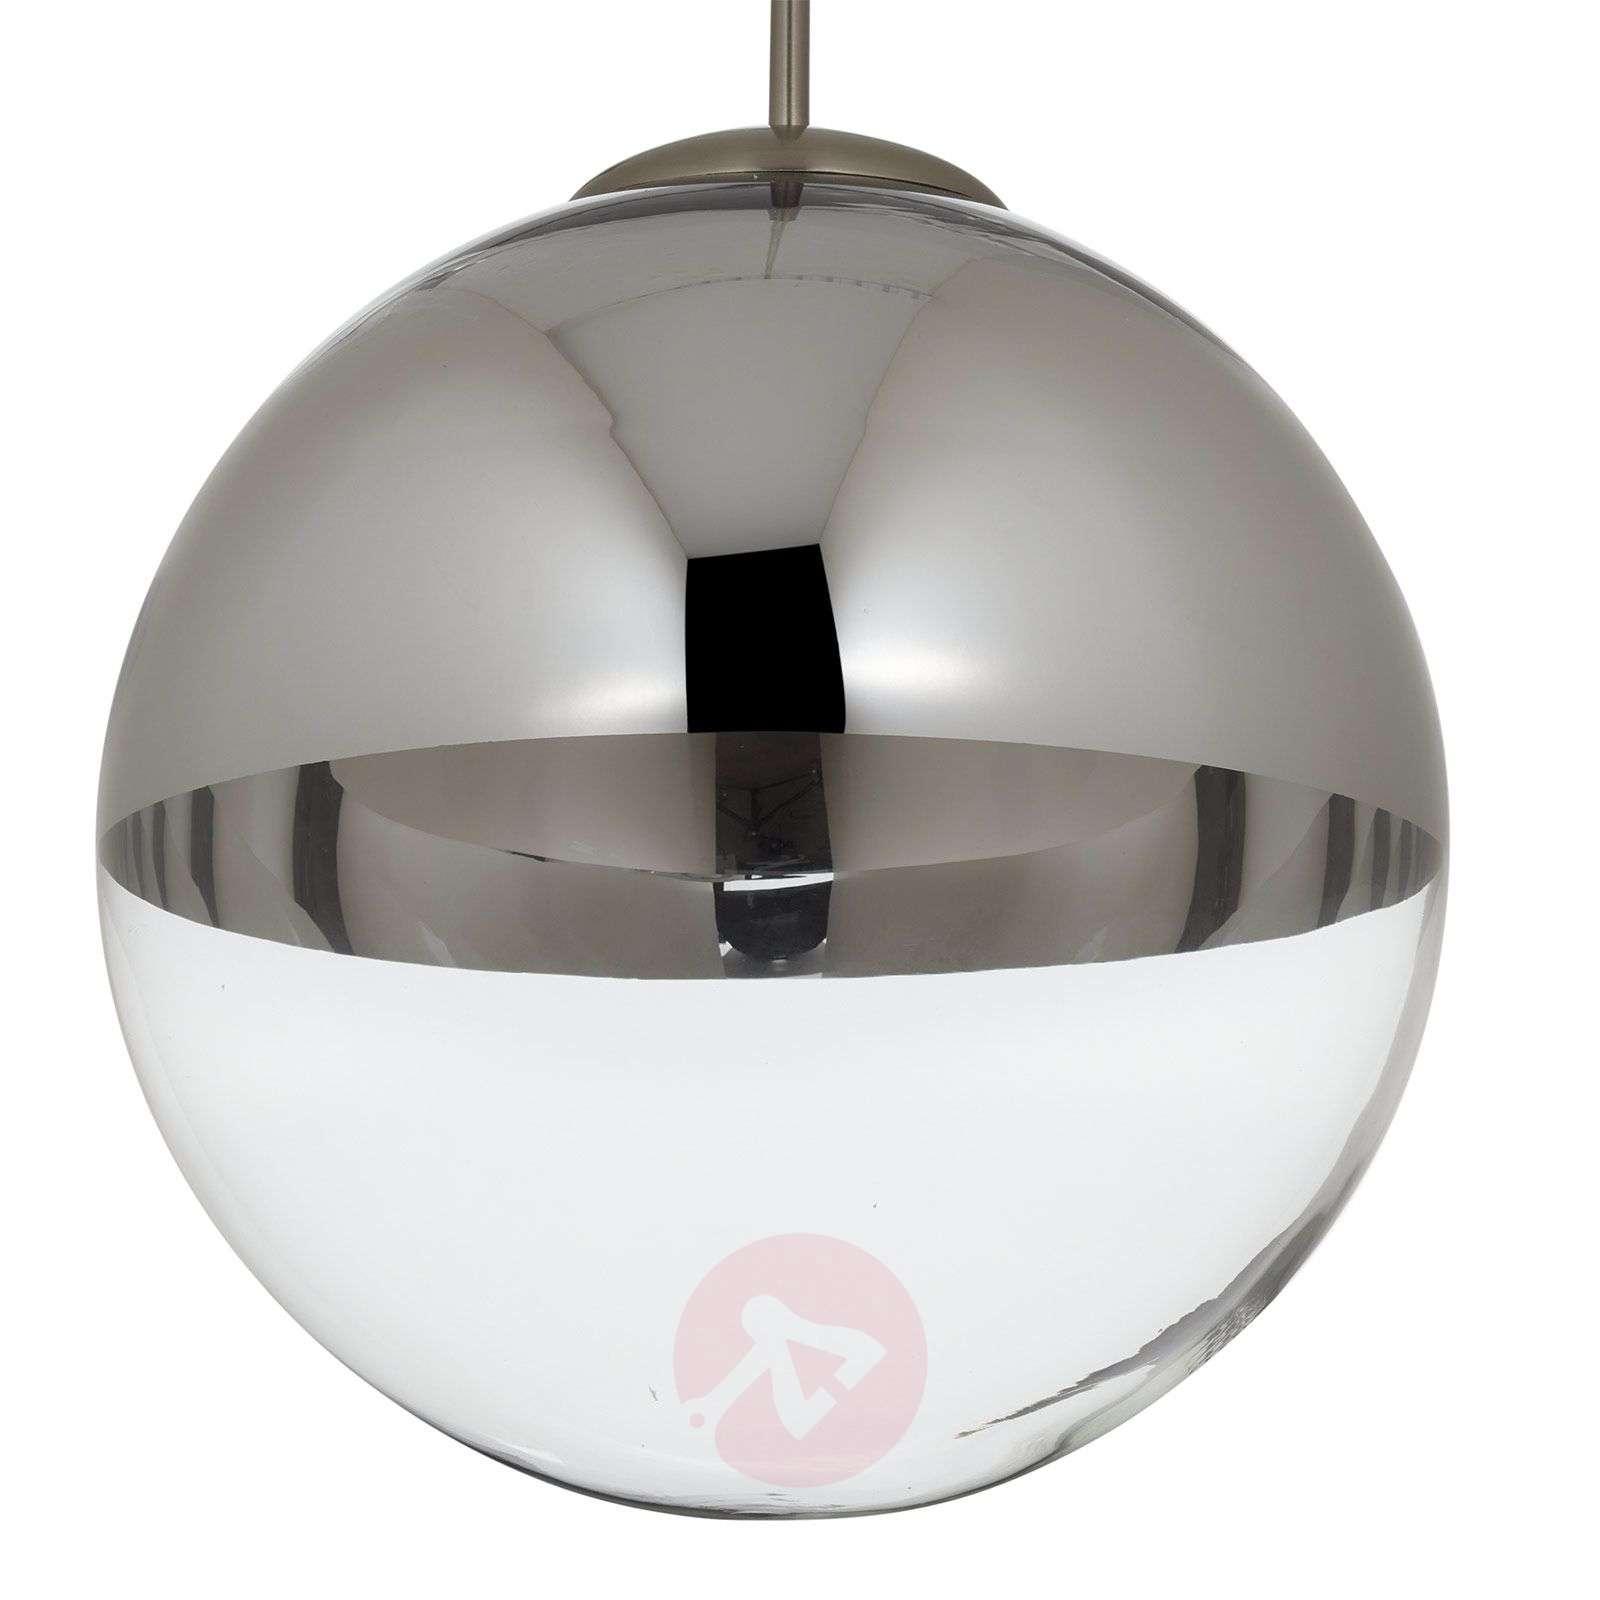 Riippuvalaisin Ravena lasikuulilla, 3-lamppuinen-4018146-02